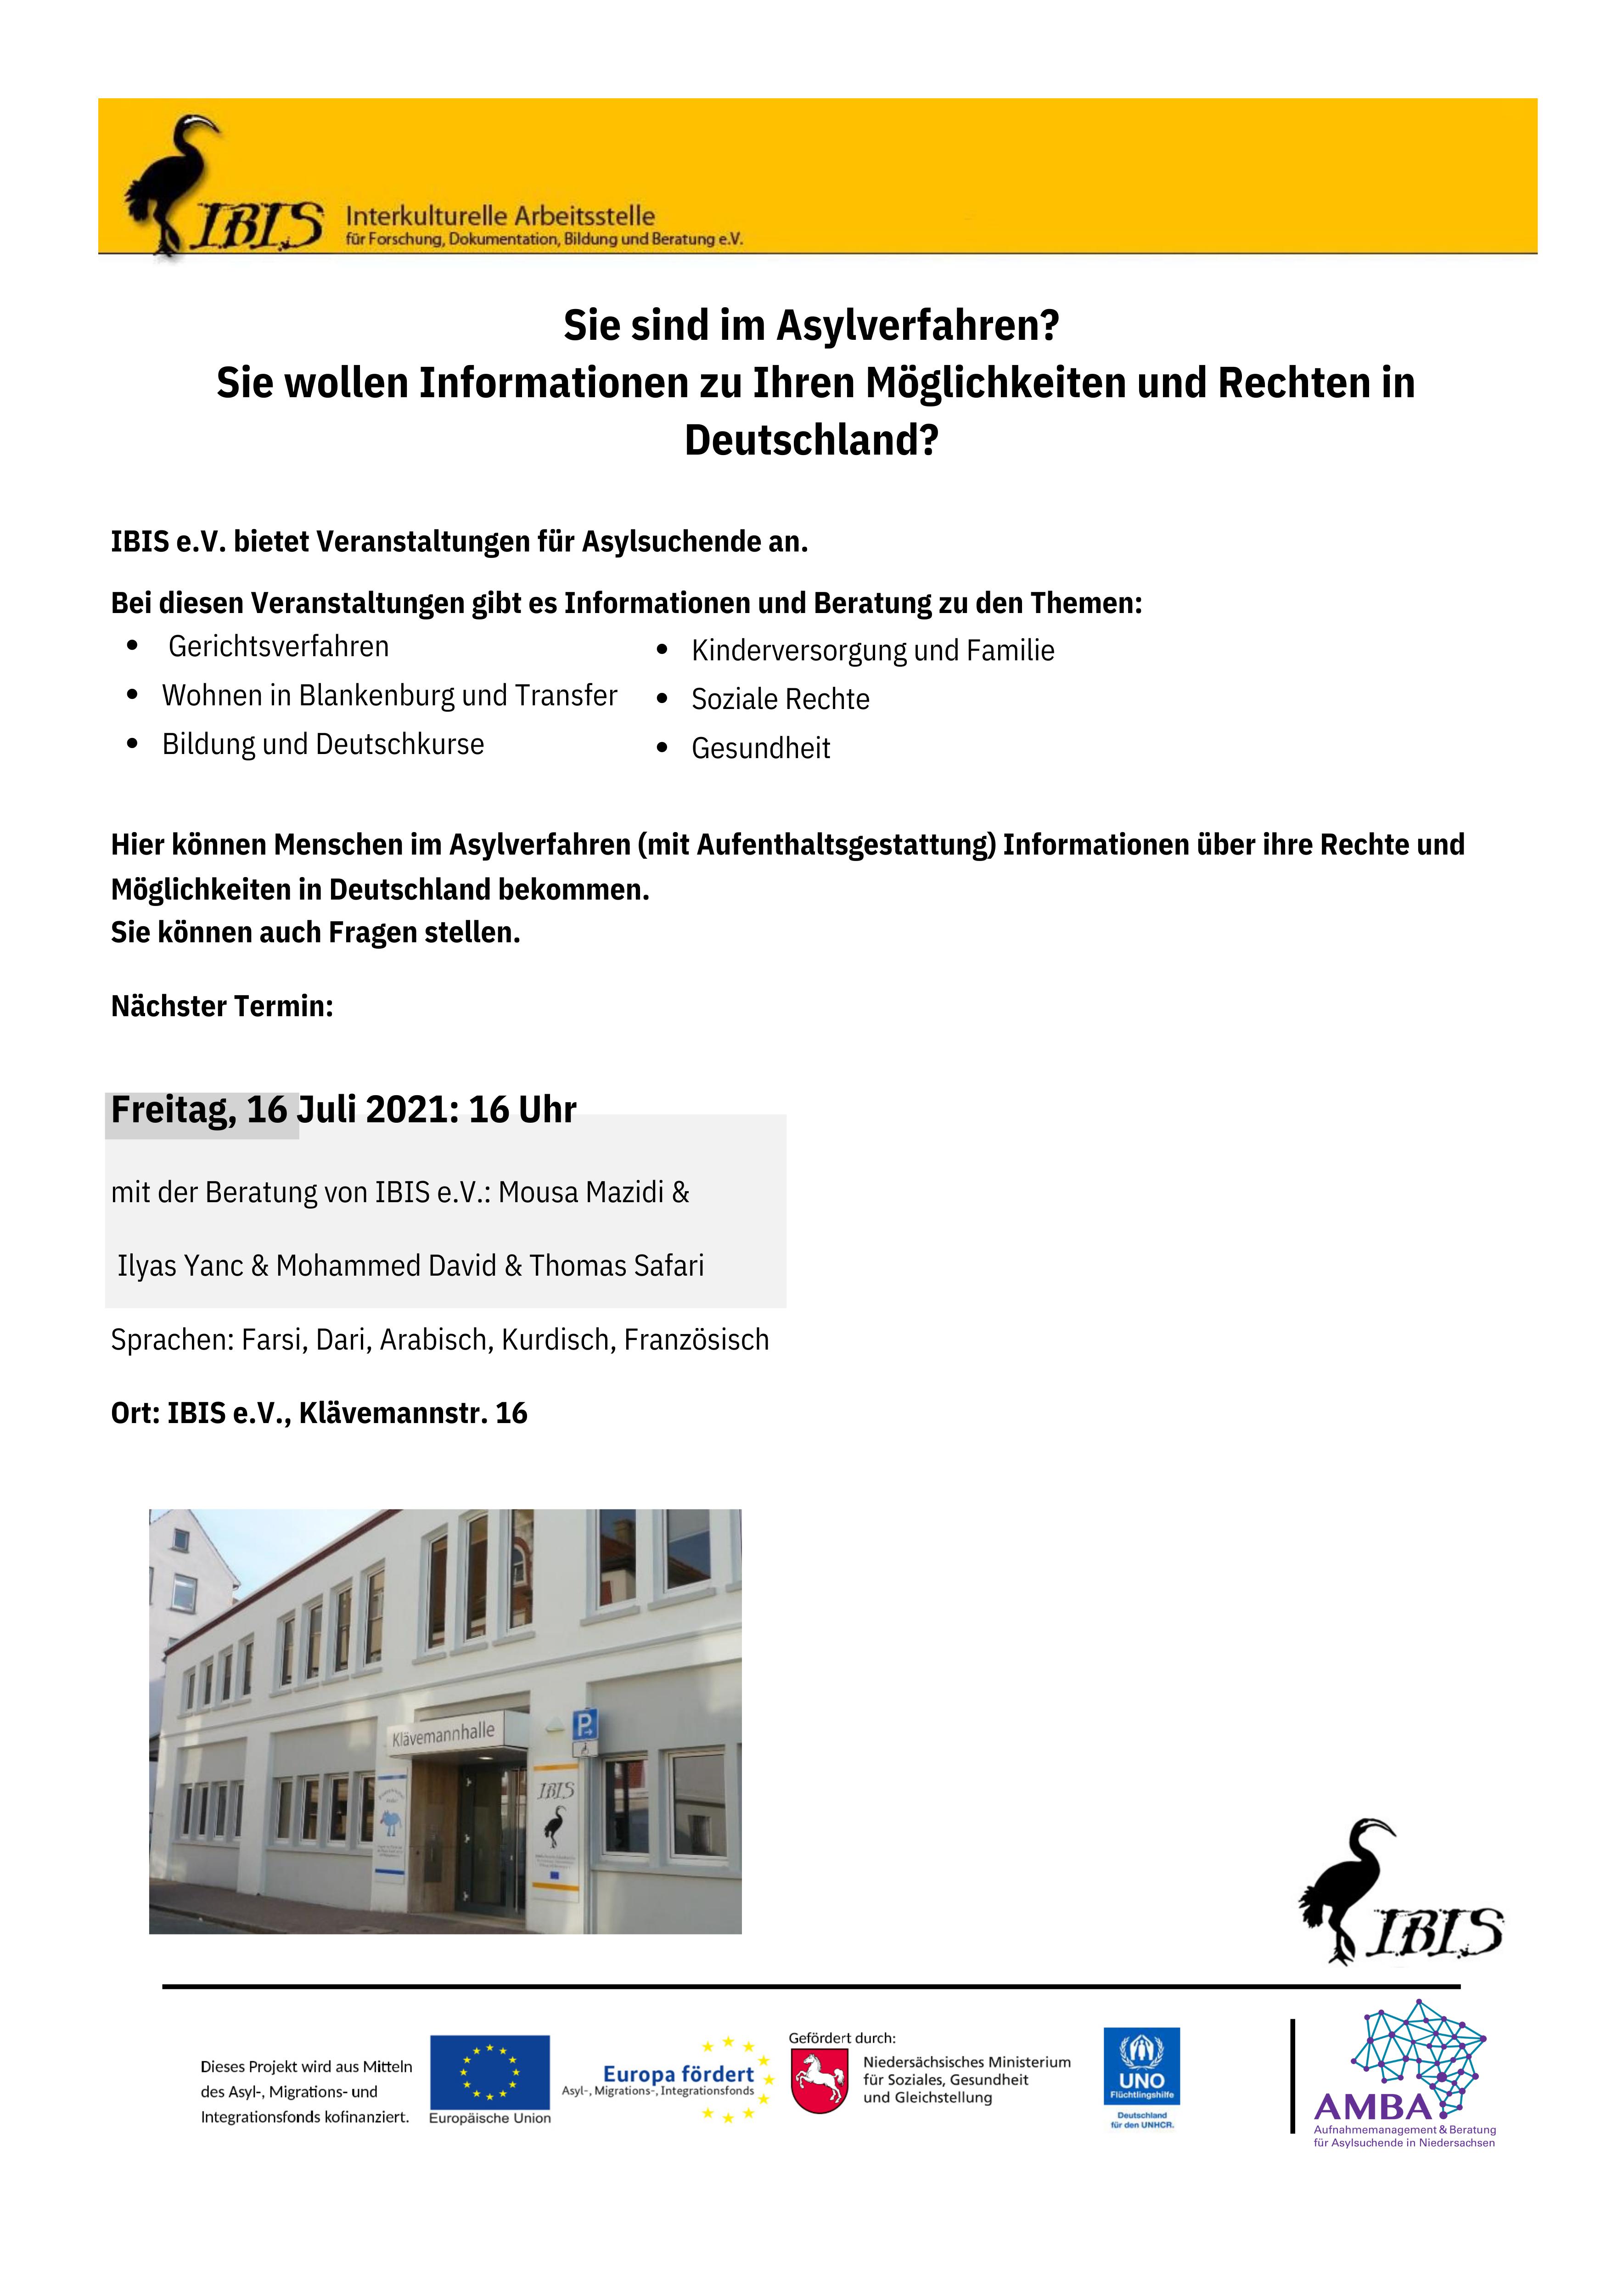 Sie Sind Im Asylverfahren? Sie Wollen Informationen Zu Ihren Möglichkeiten Und Rechten In Deutschland?